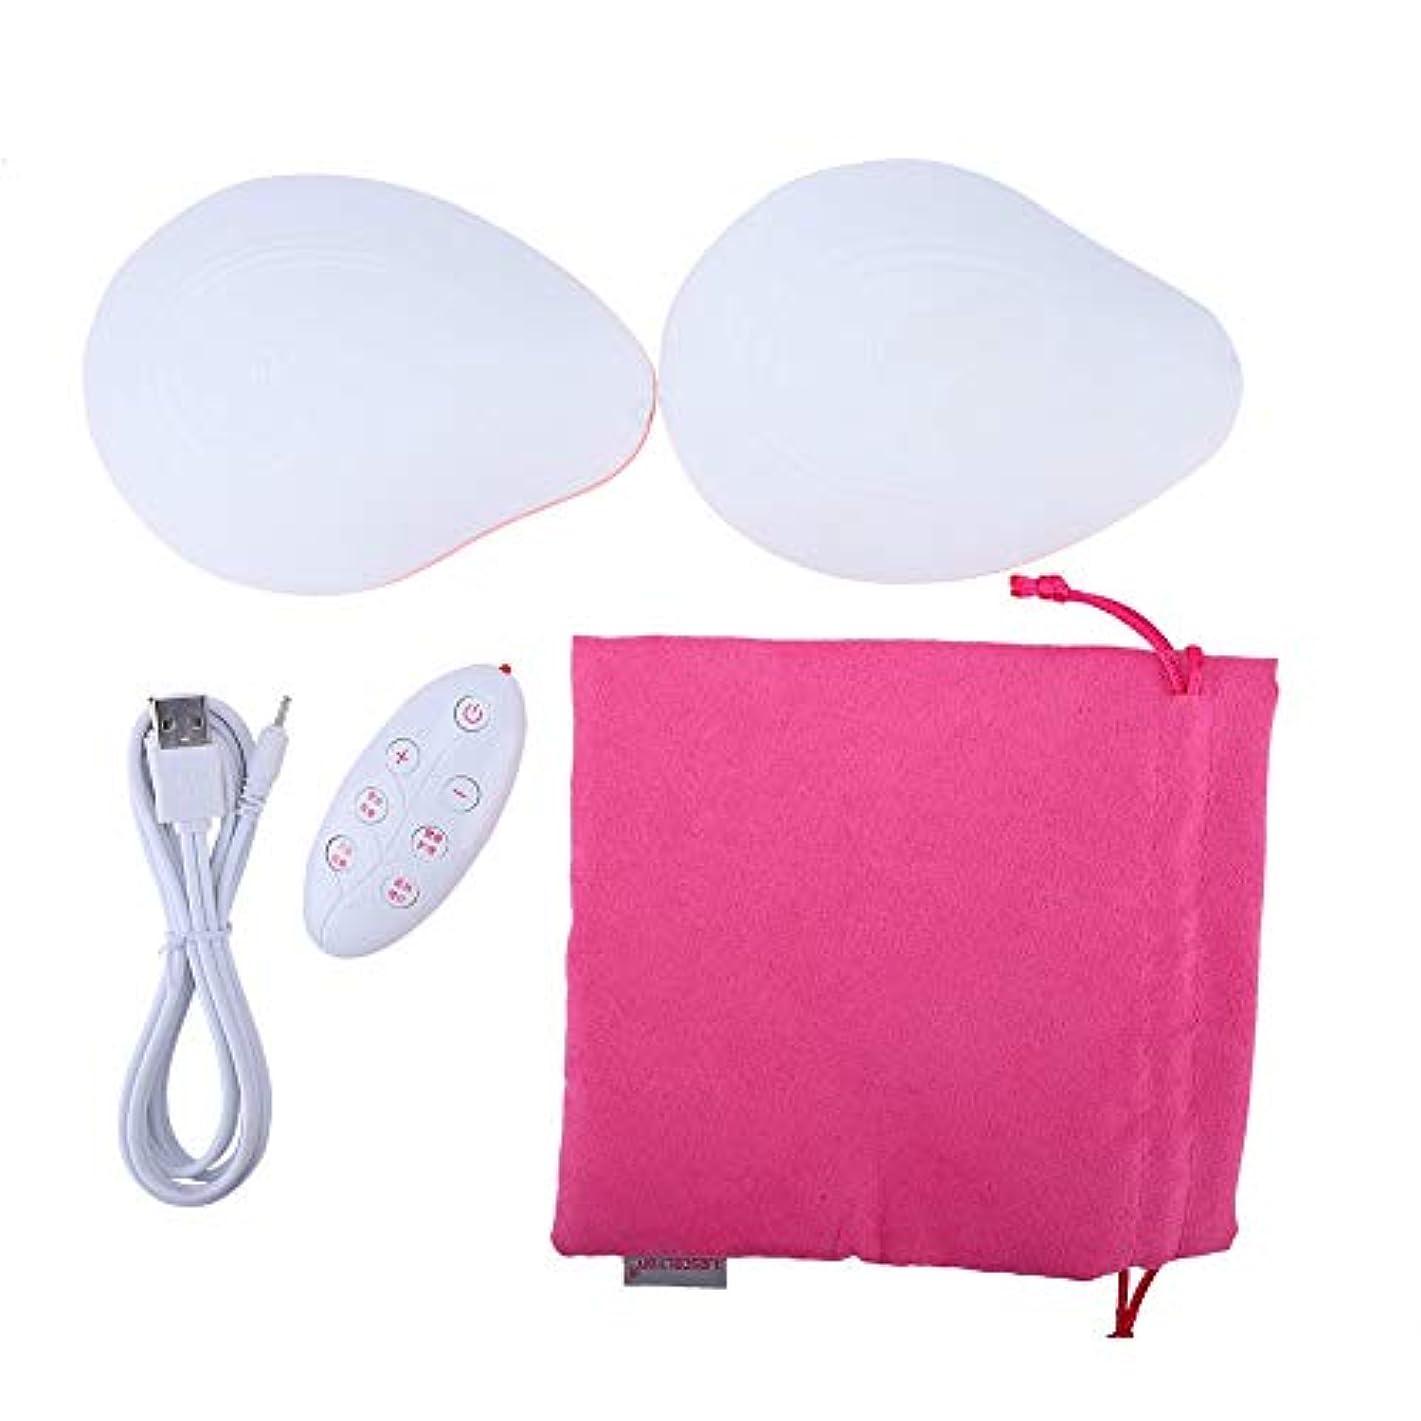 静めるかすれた悪名高い胸の拡大のマッサージャー、胸の拡大のためのUSBの電気振動のバストの上昇の増強物機械(#1)